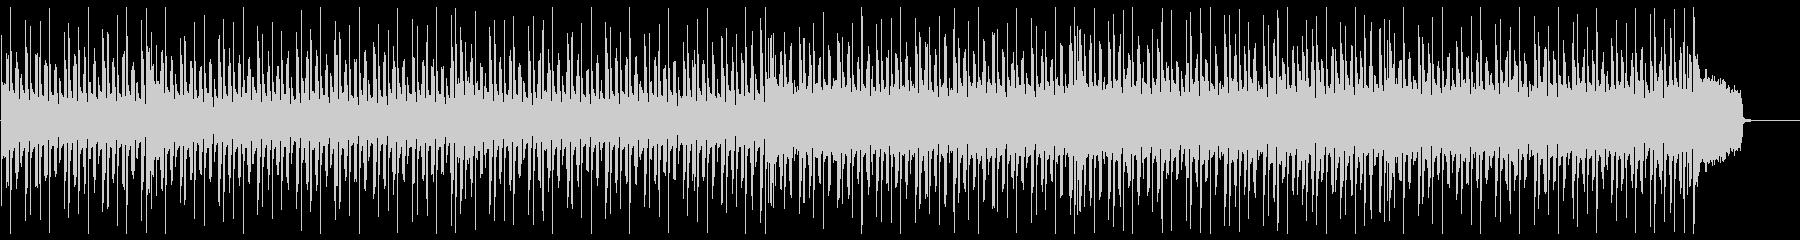 【メロ抜き】ほのぼのした鍵盤ハーモニカの未再生の波形